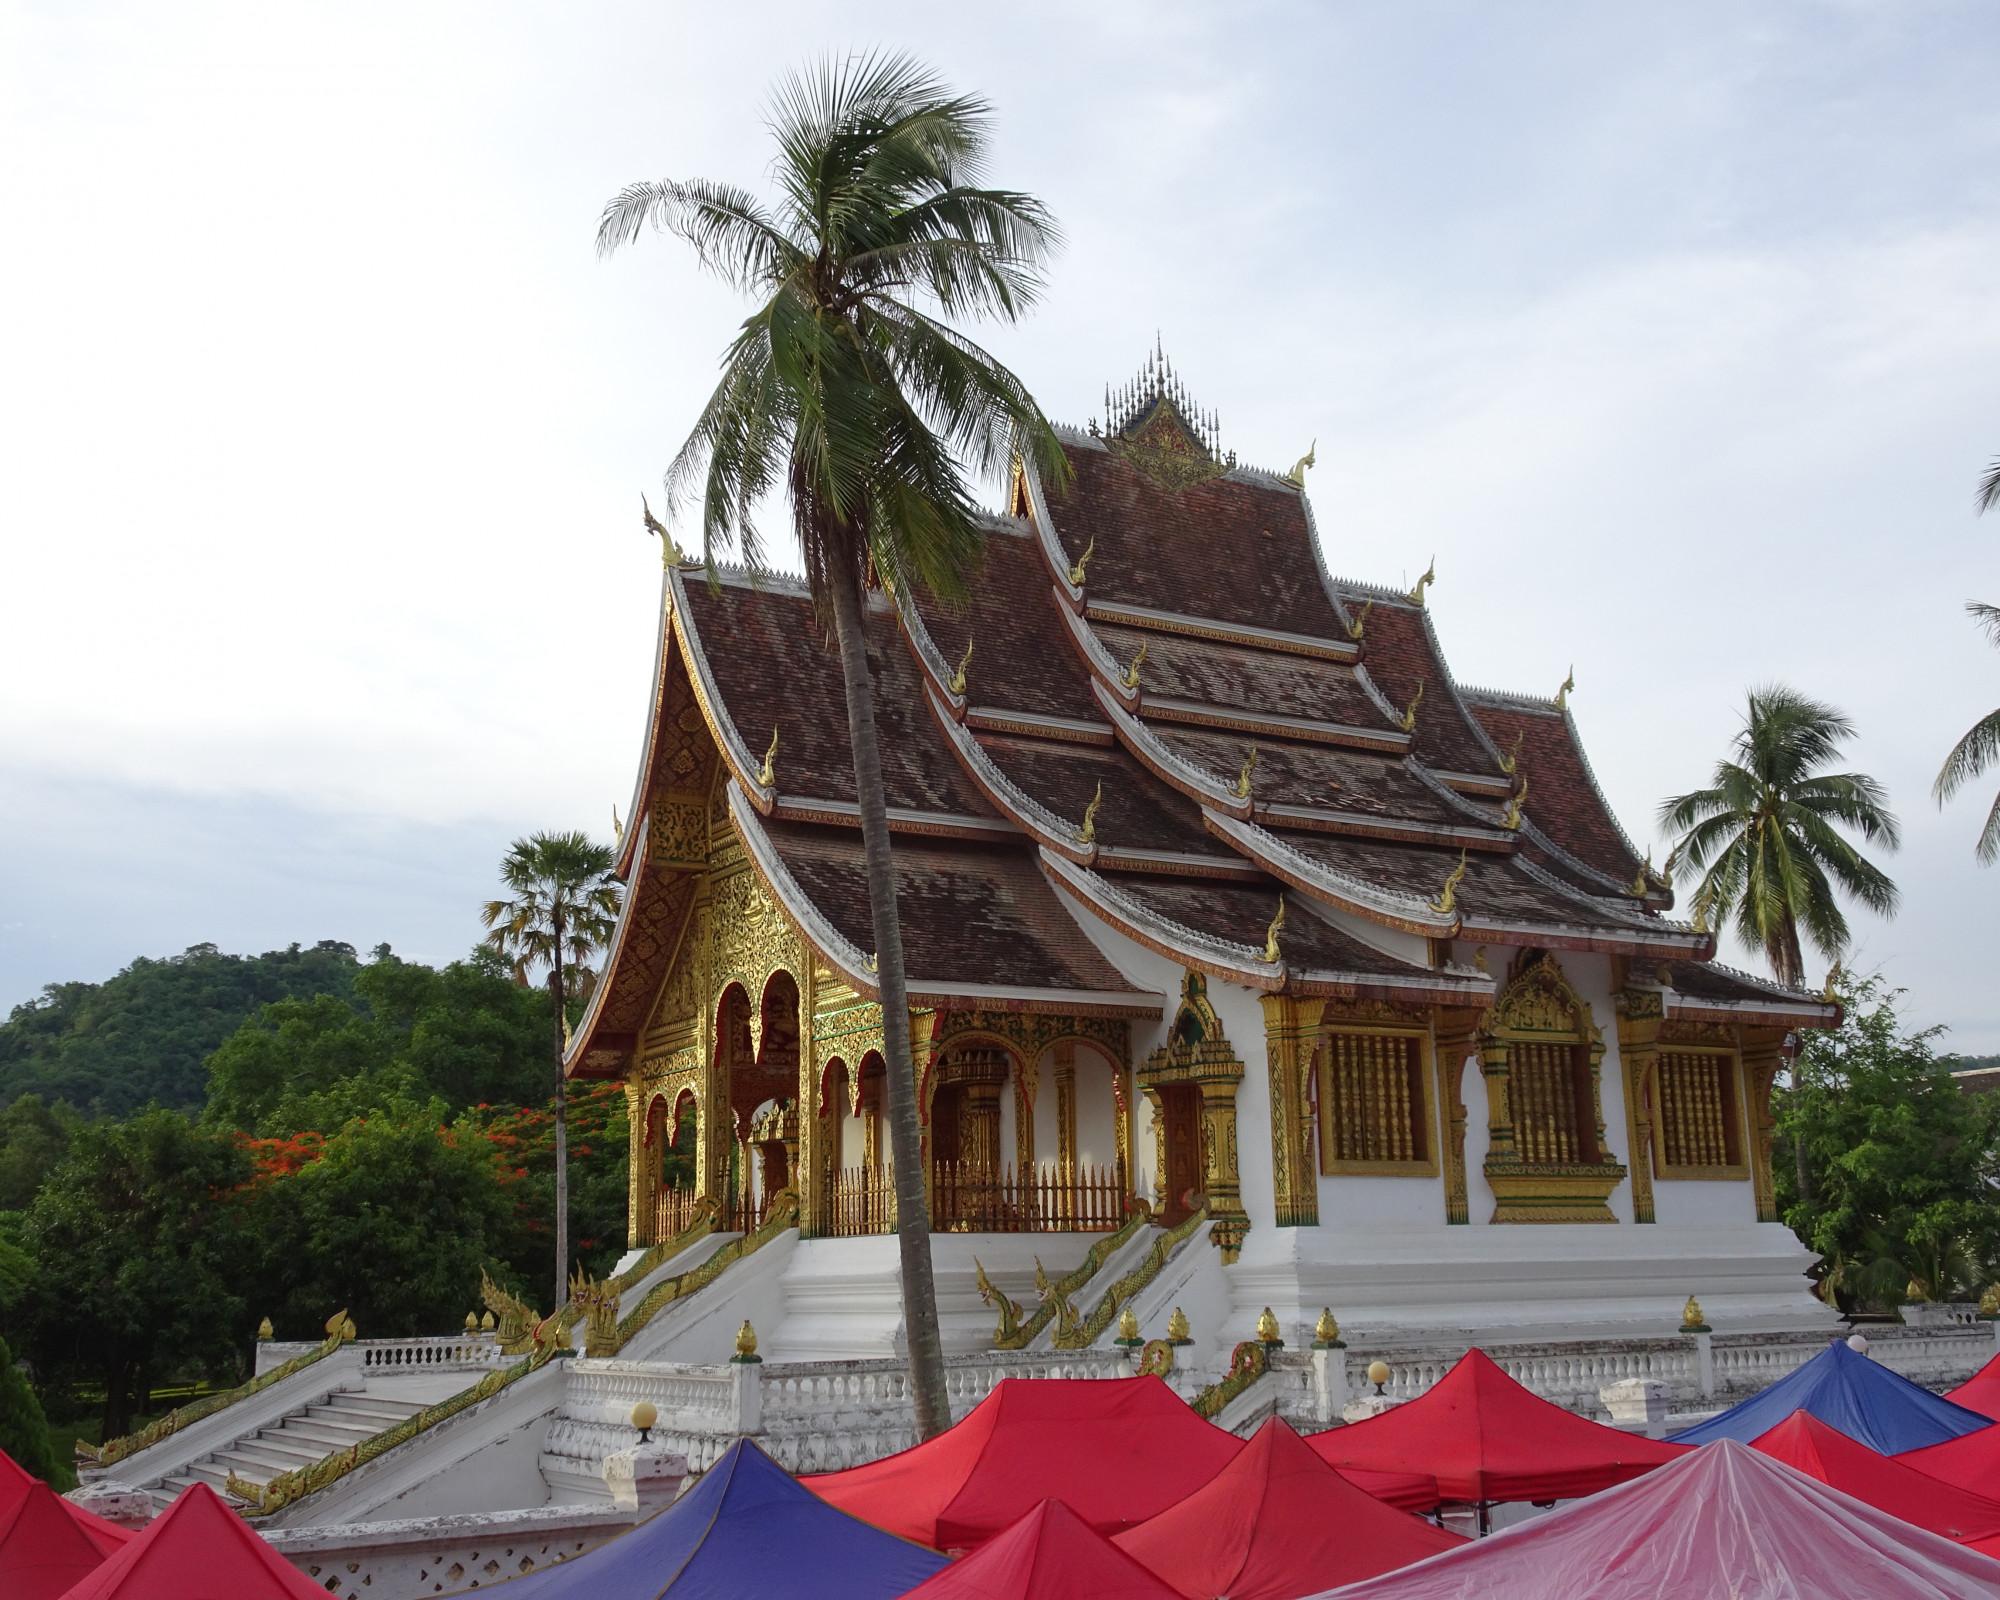 Photo 3: Luang Prabang, une perle sur le Mékong.